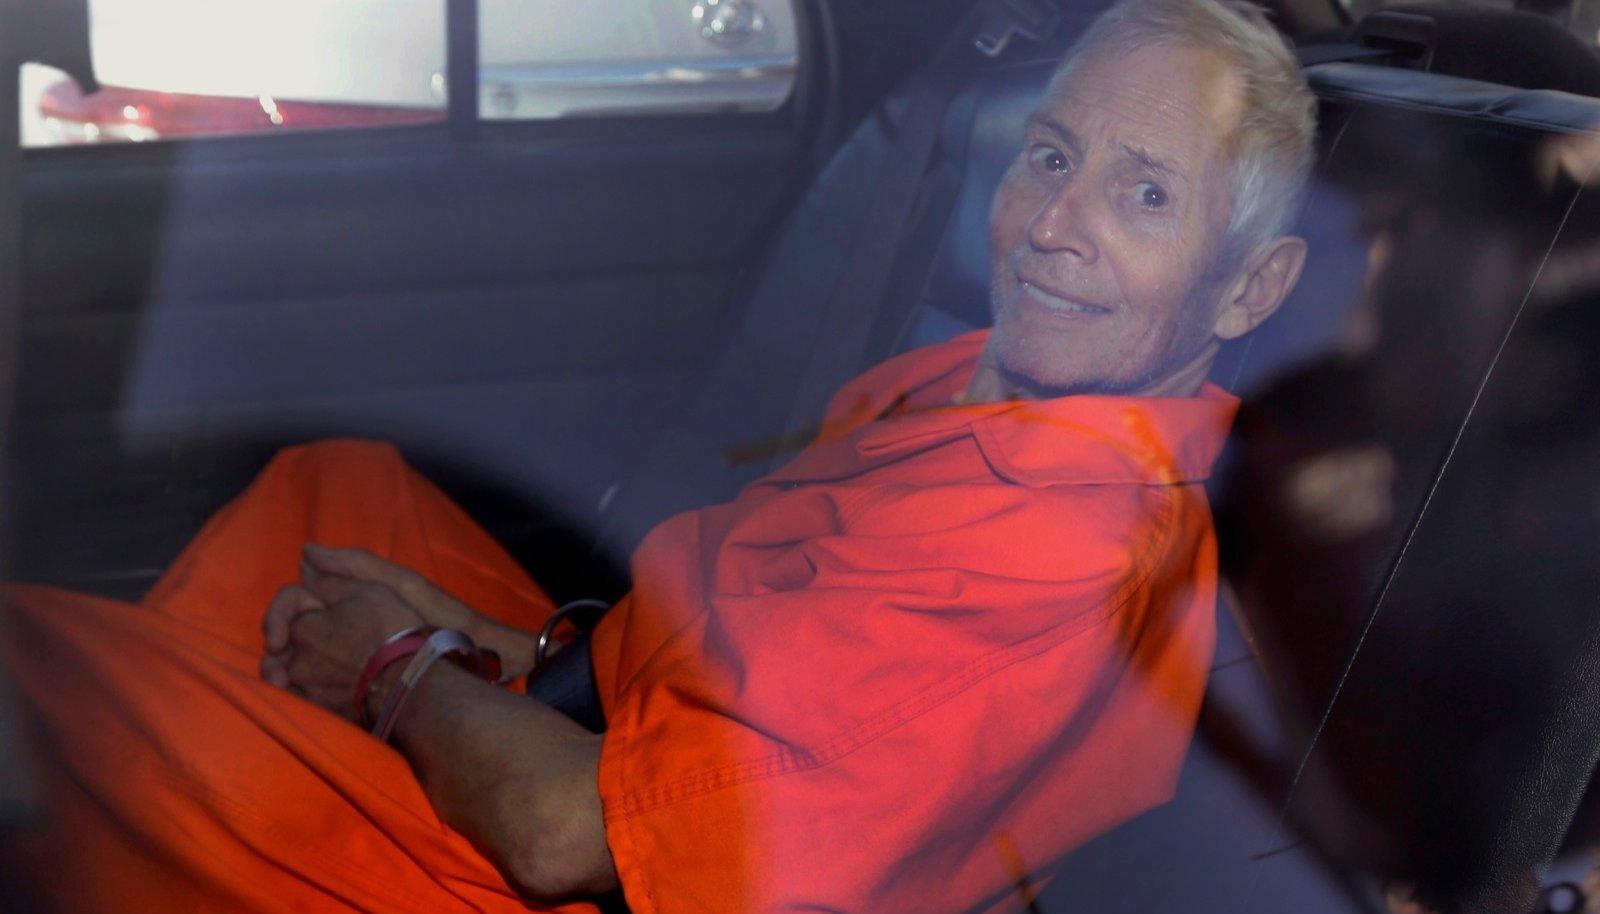 TERVIS KEHV: Robert Durst vanglariietes. Viimasel ajal on 76aastane Durst pidanud läbi tegema mitu rasket operatsiooni. Pole selge, kas ta enda kohtuprotsessi lõpuni kestab.